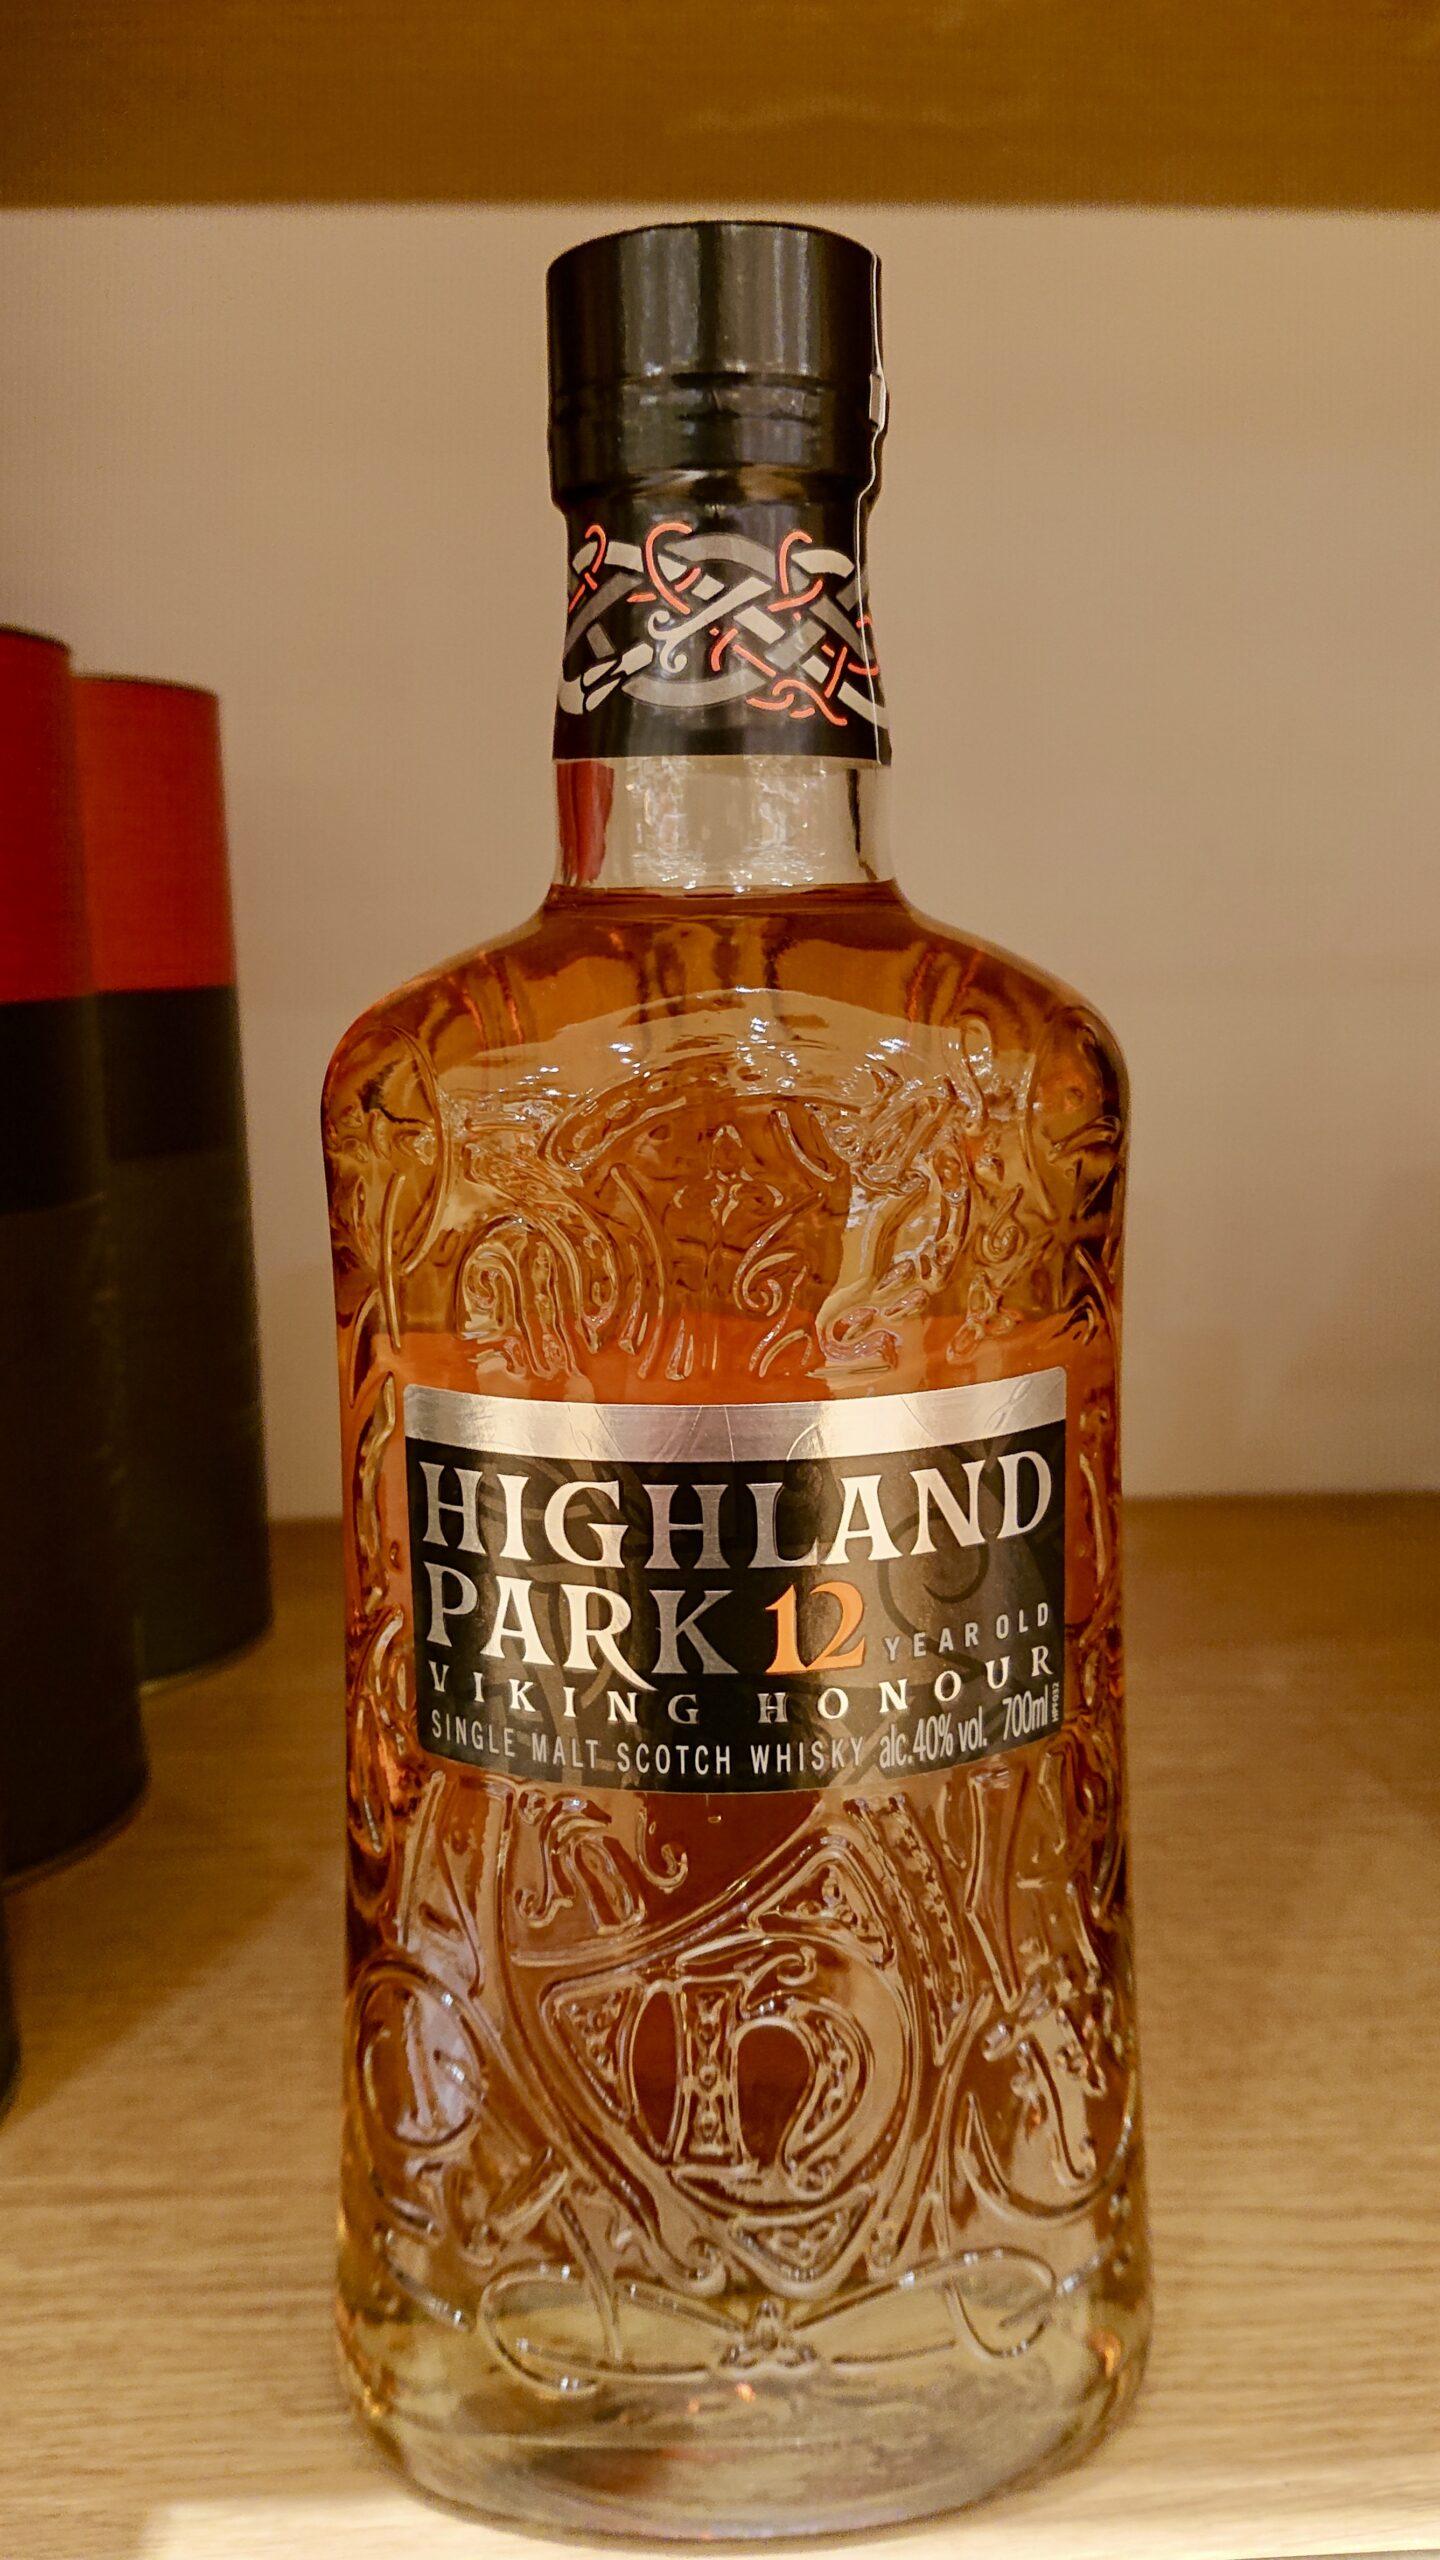 ハイランドパーク12年のテイスティング・スコッチ最北端!オークニー諸島のスモーク&ハニー!